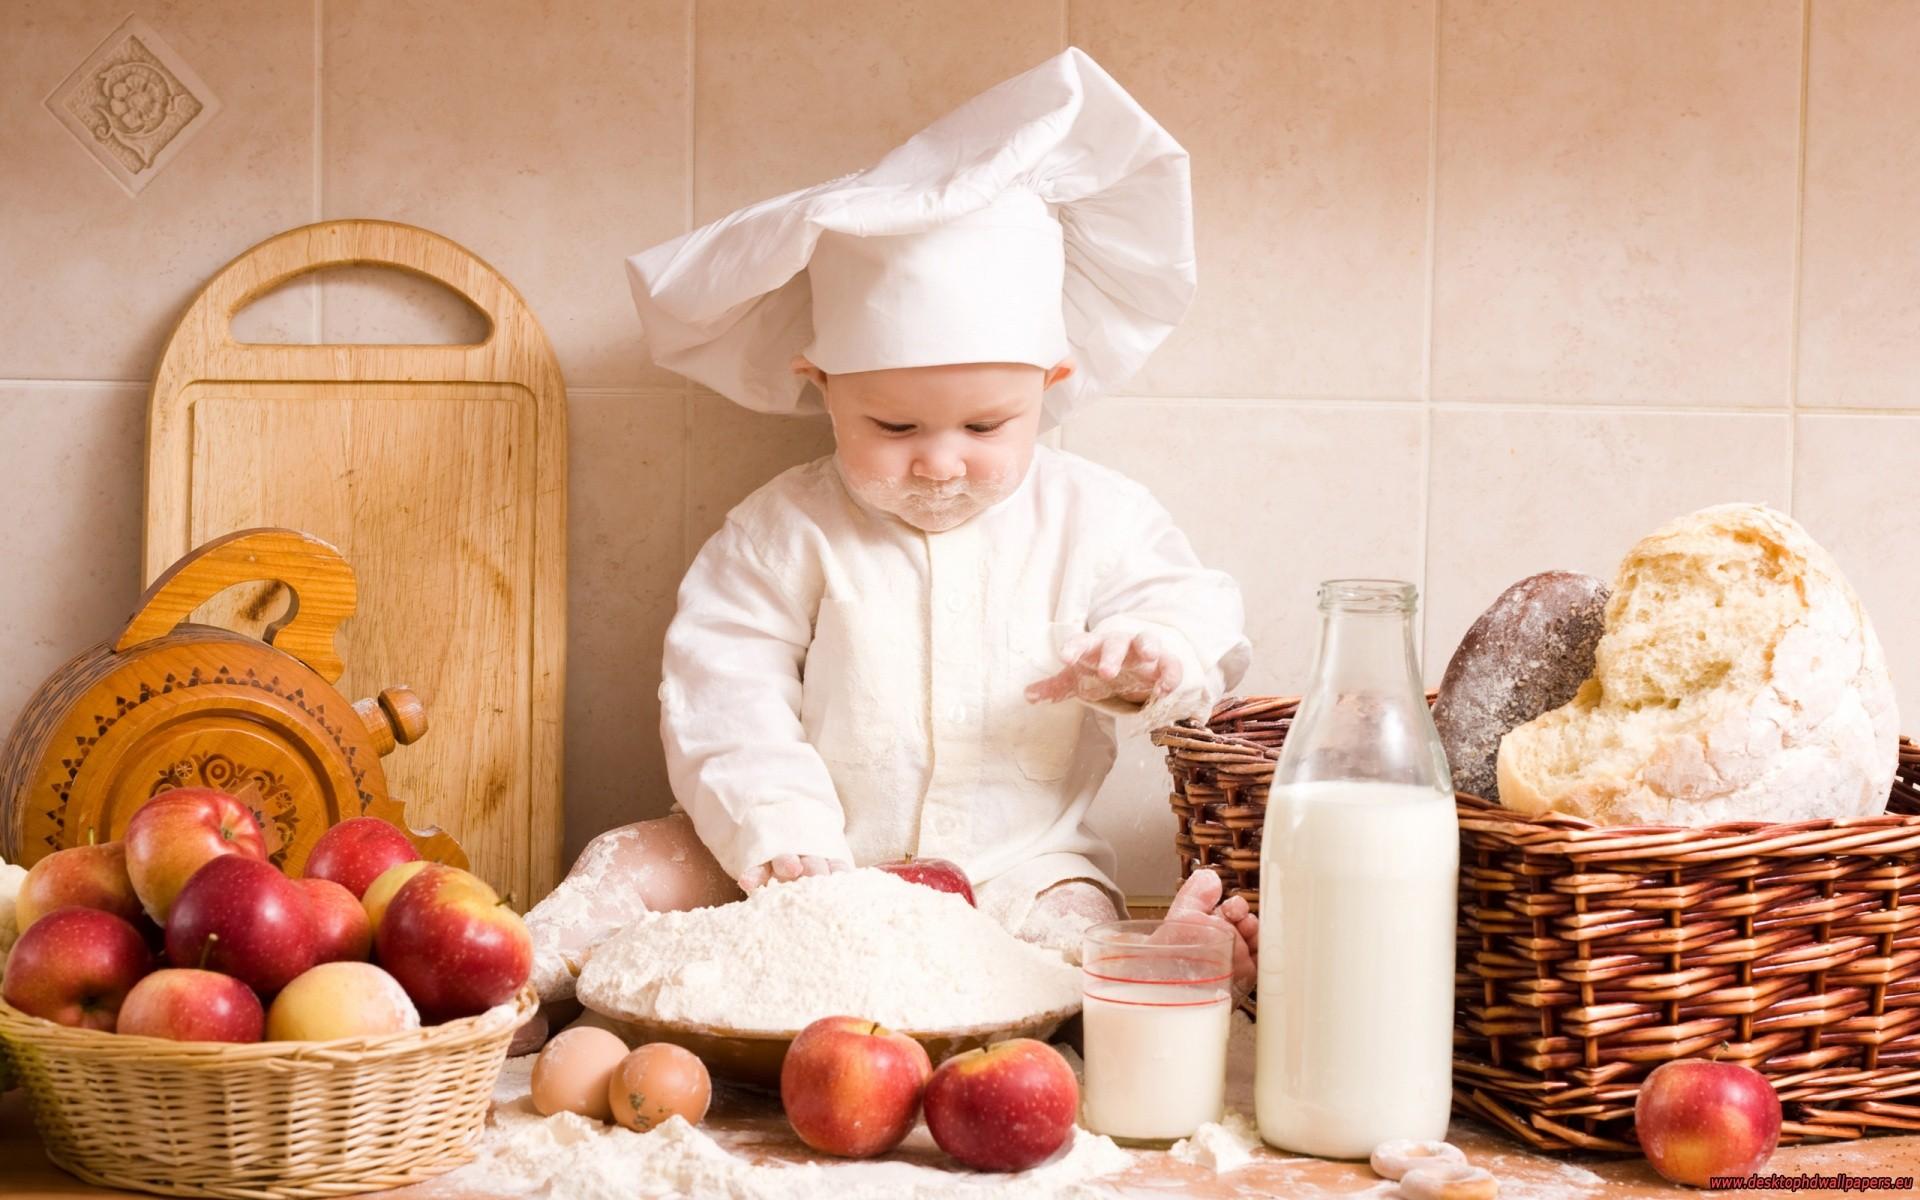 Un bebe cocinero - 1920x1200